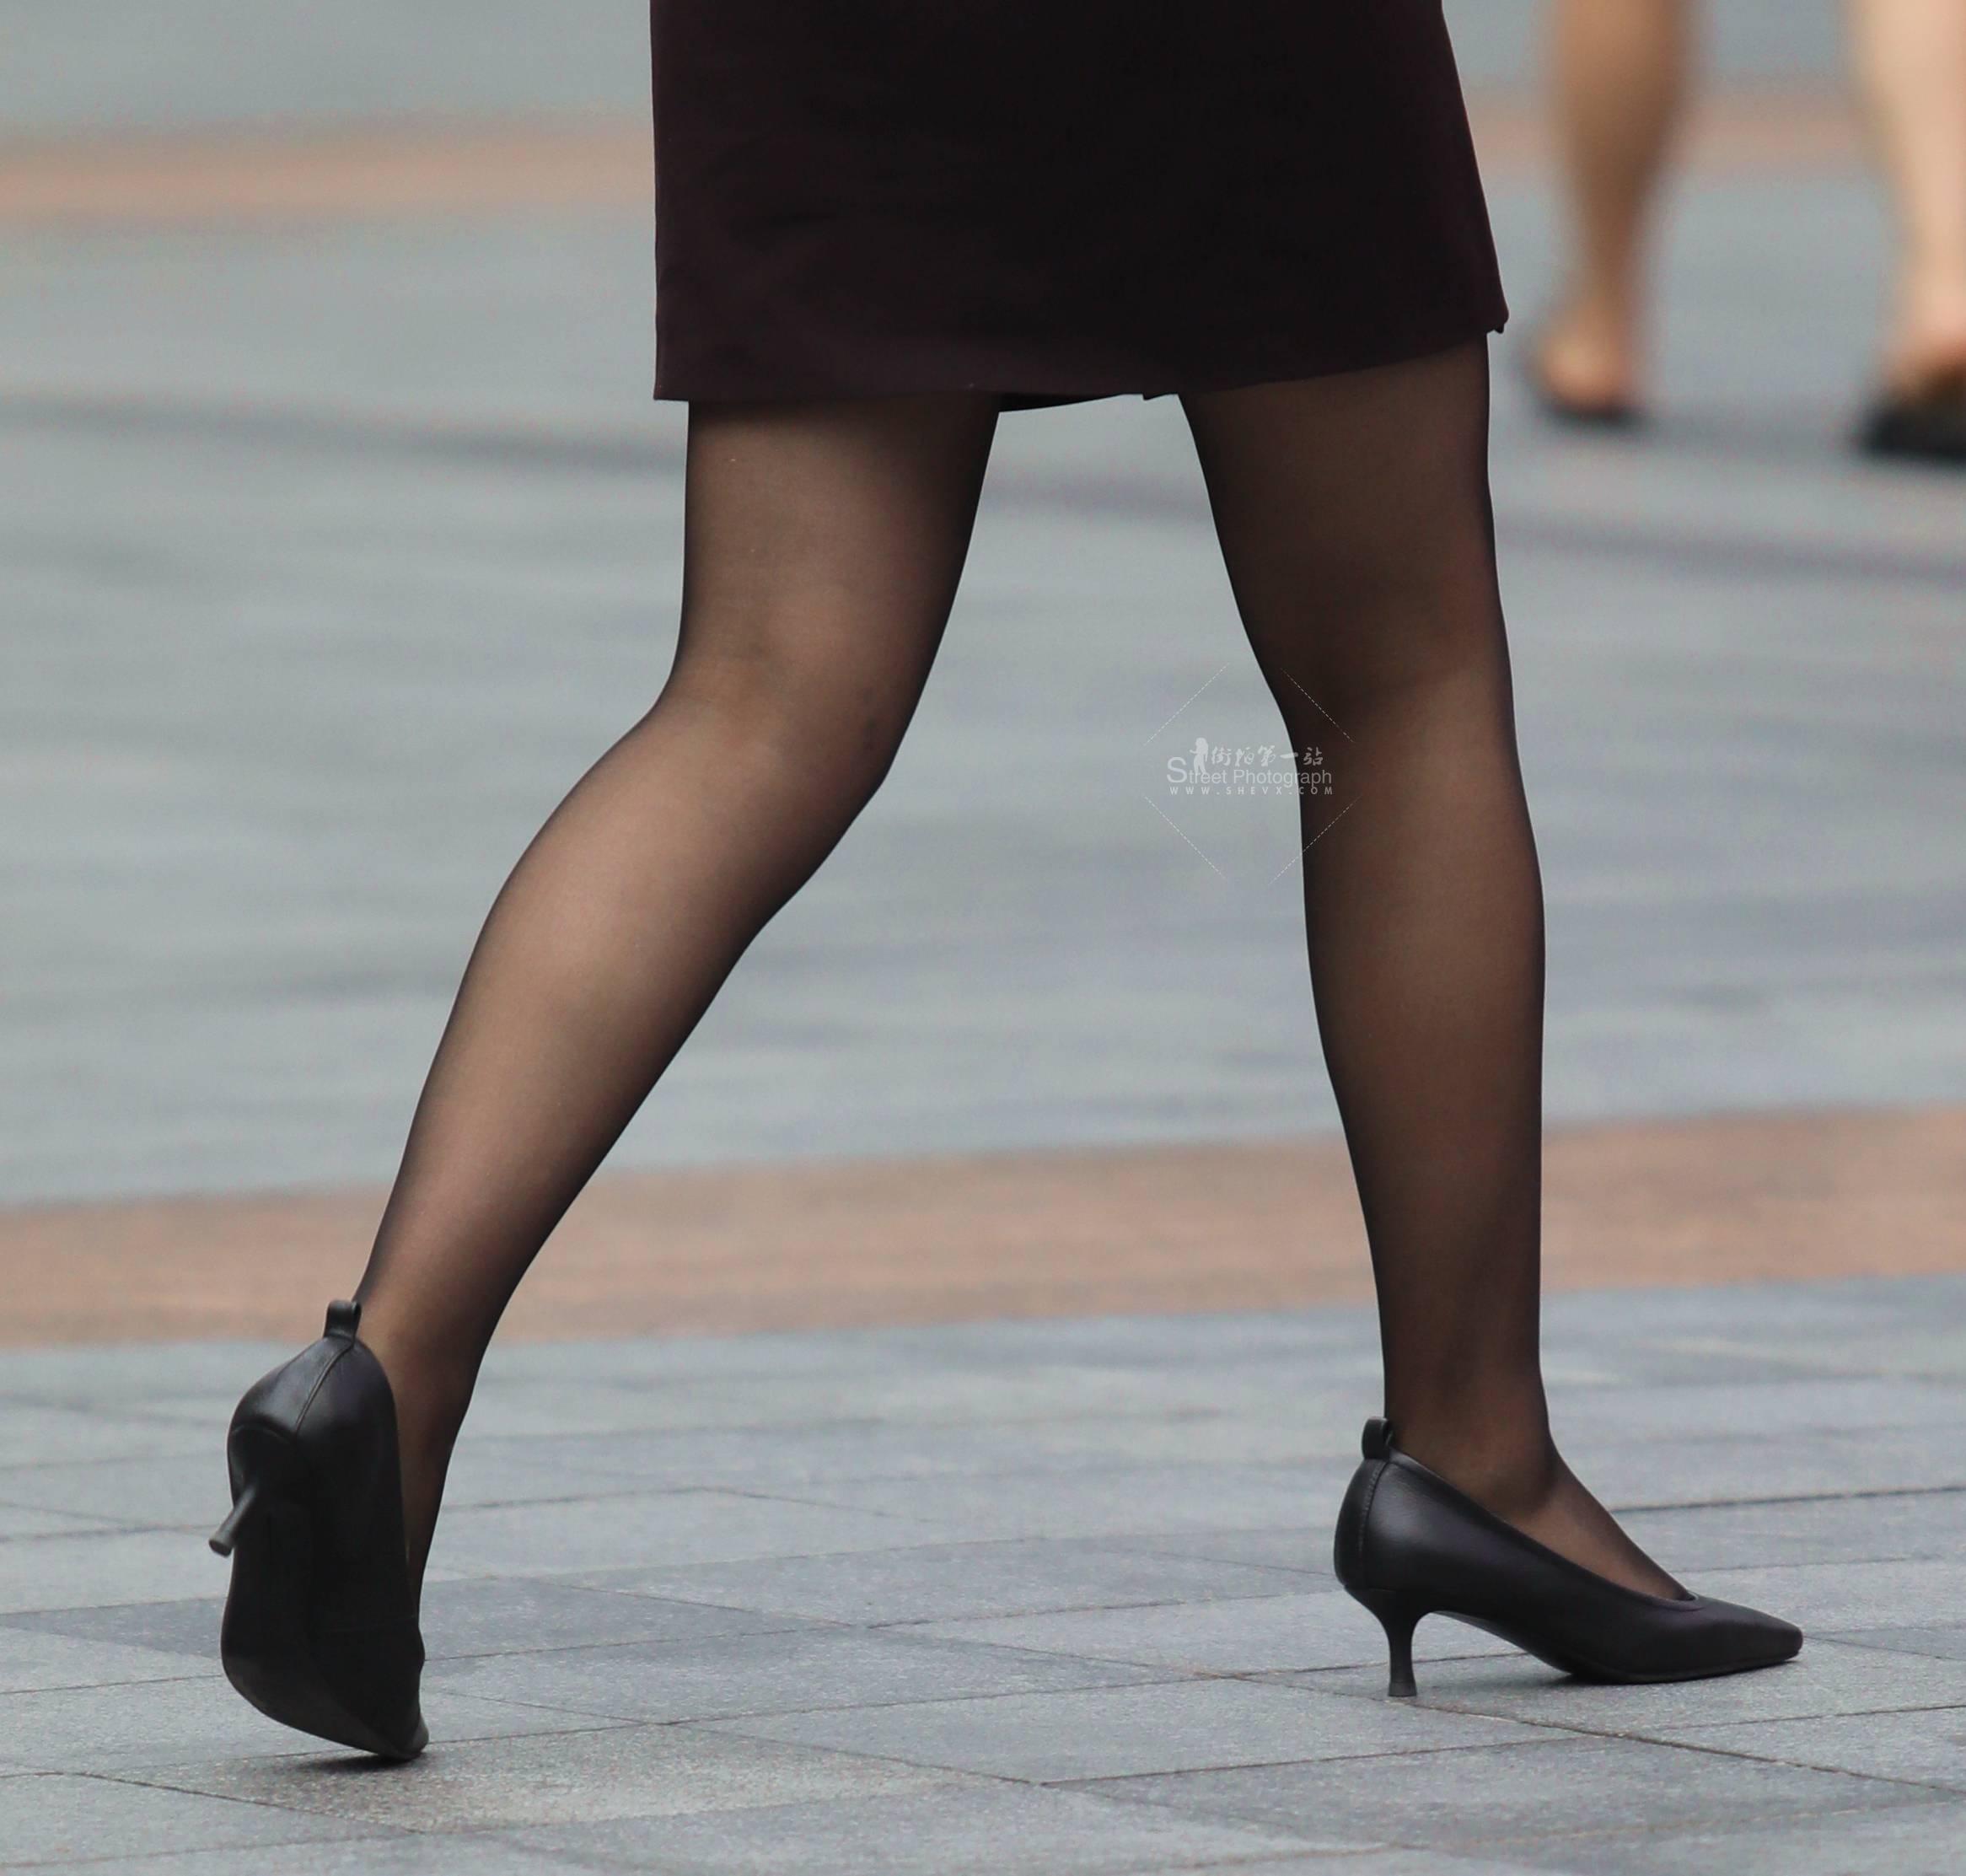 街拍黑丝高跟,街拍高跟,街拍黑丝,街拍OL 【珏一笑而过】 黑丝高跟OL 最新街拍丝袜图片 街拍丝袜第一站